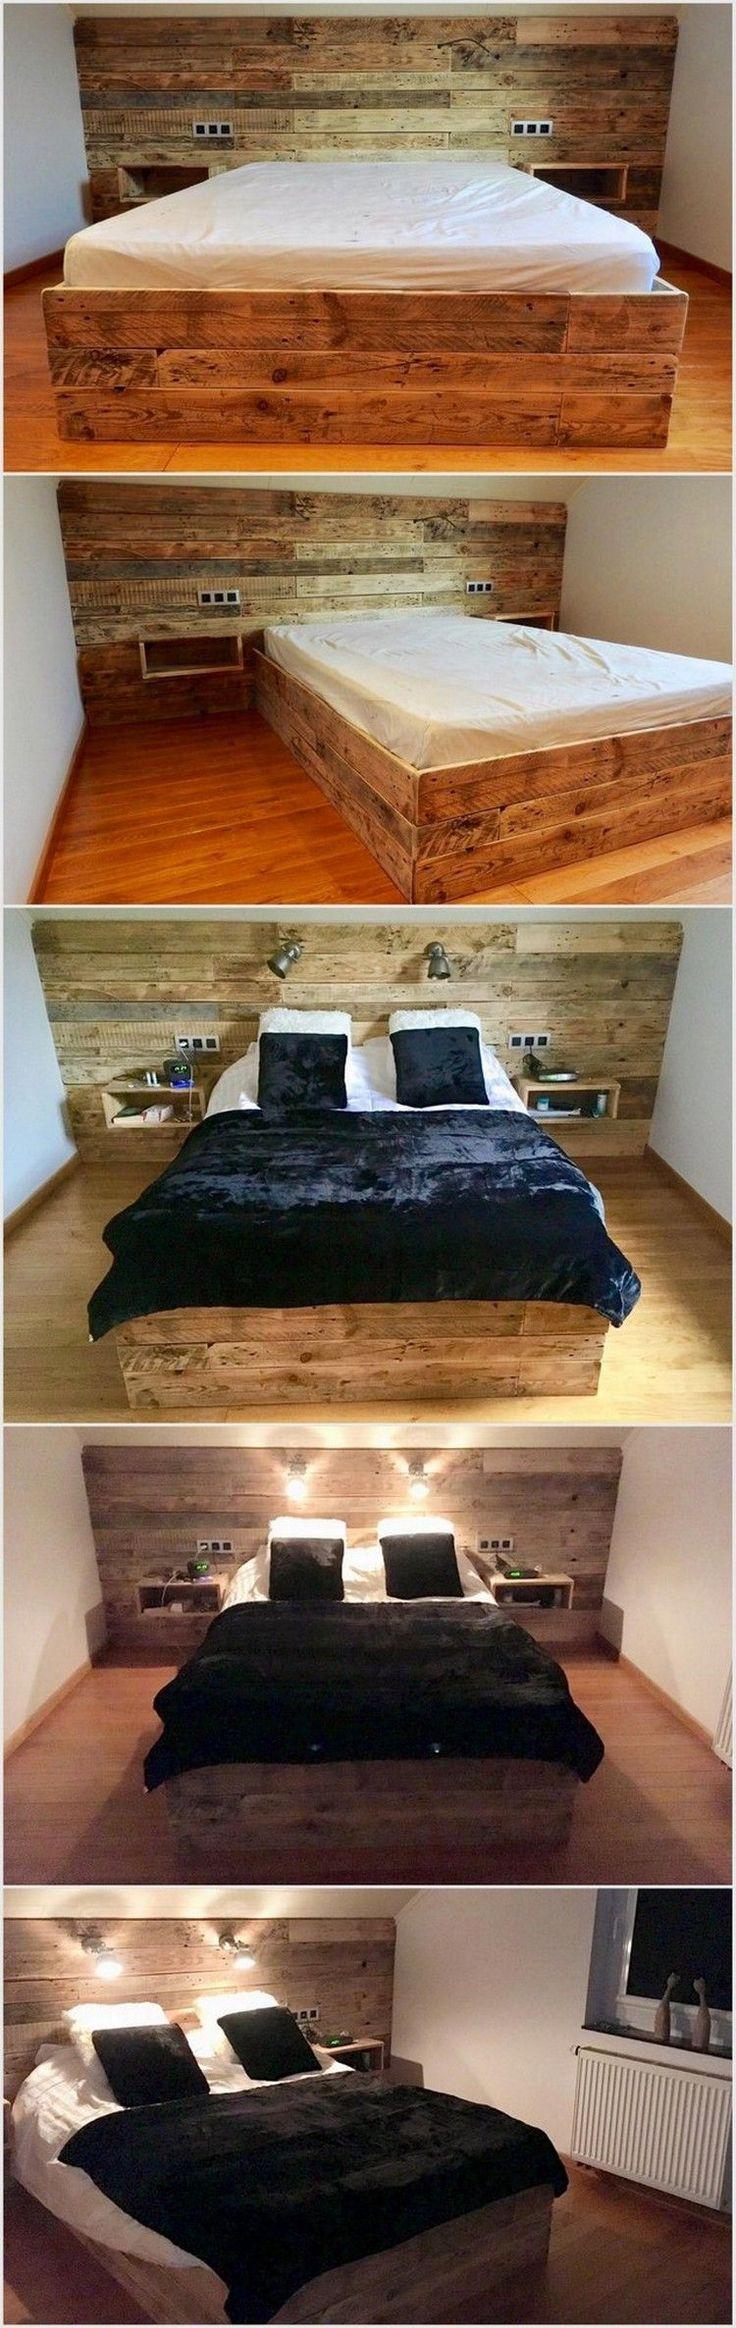 best giường images on pinterest pallet furniture bedroom ideas